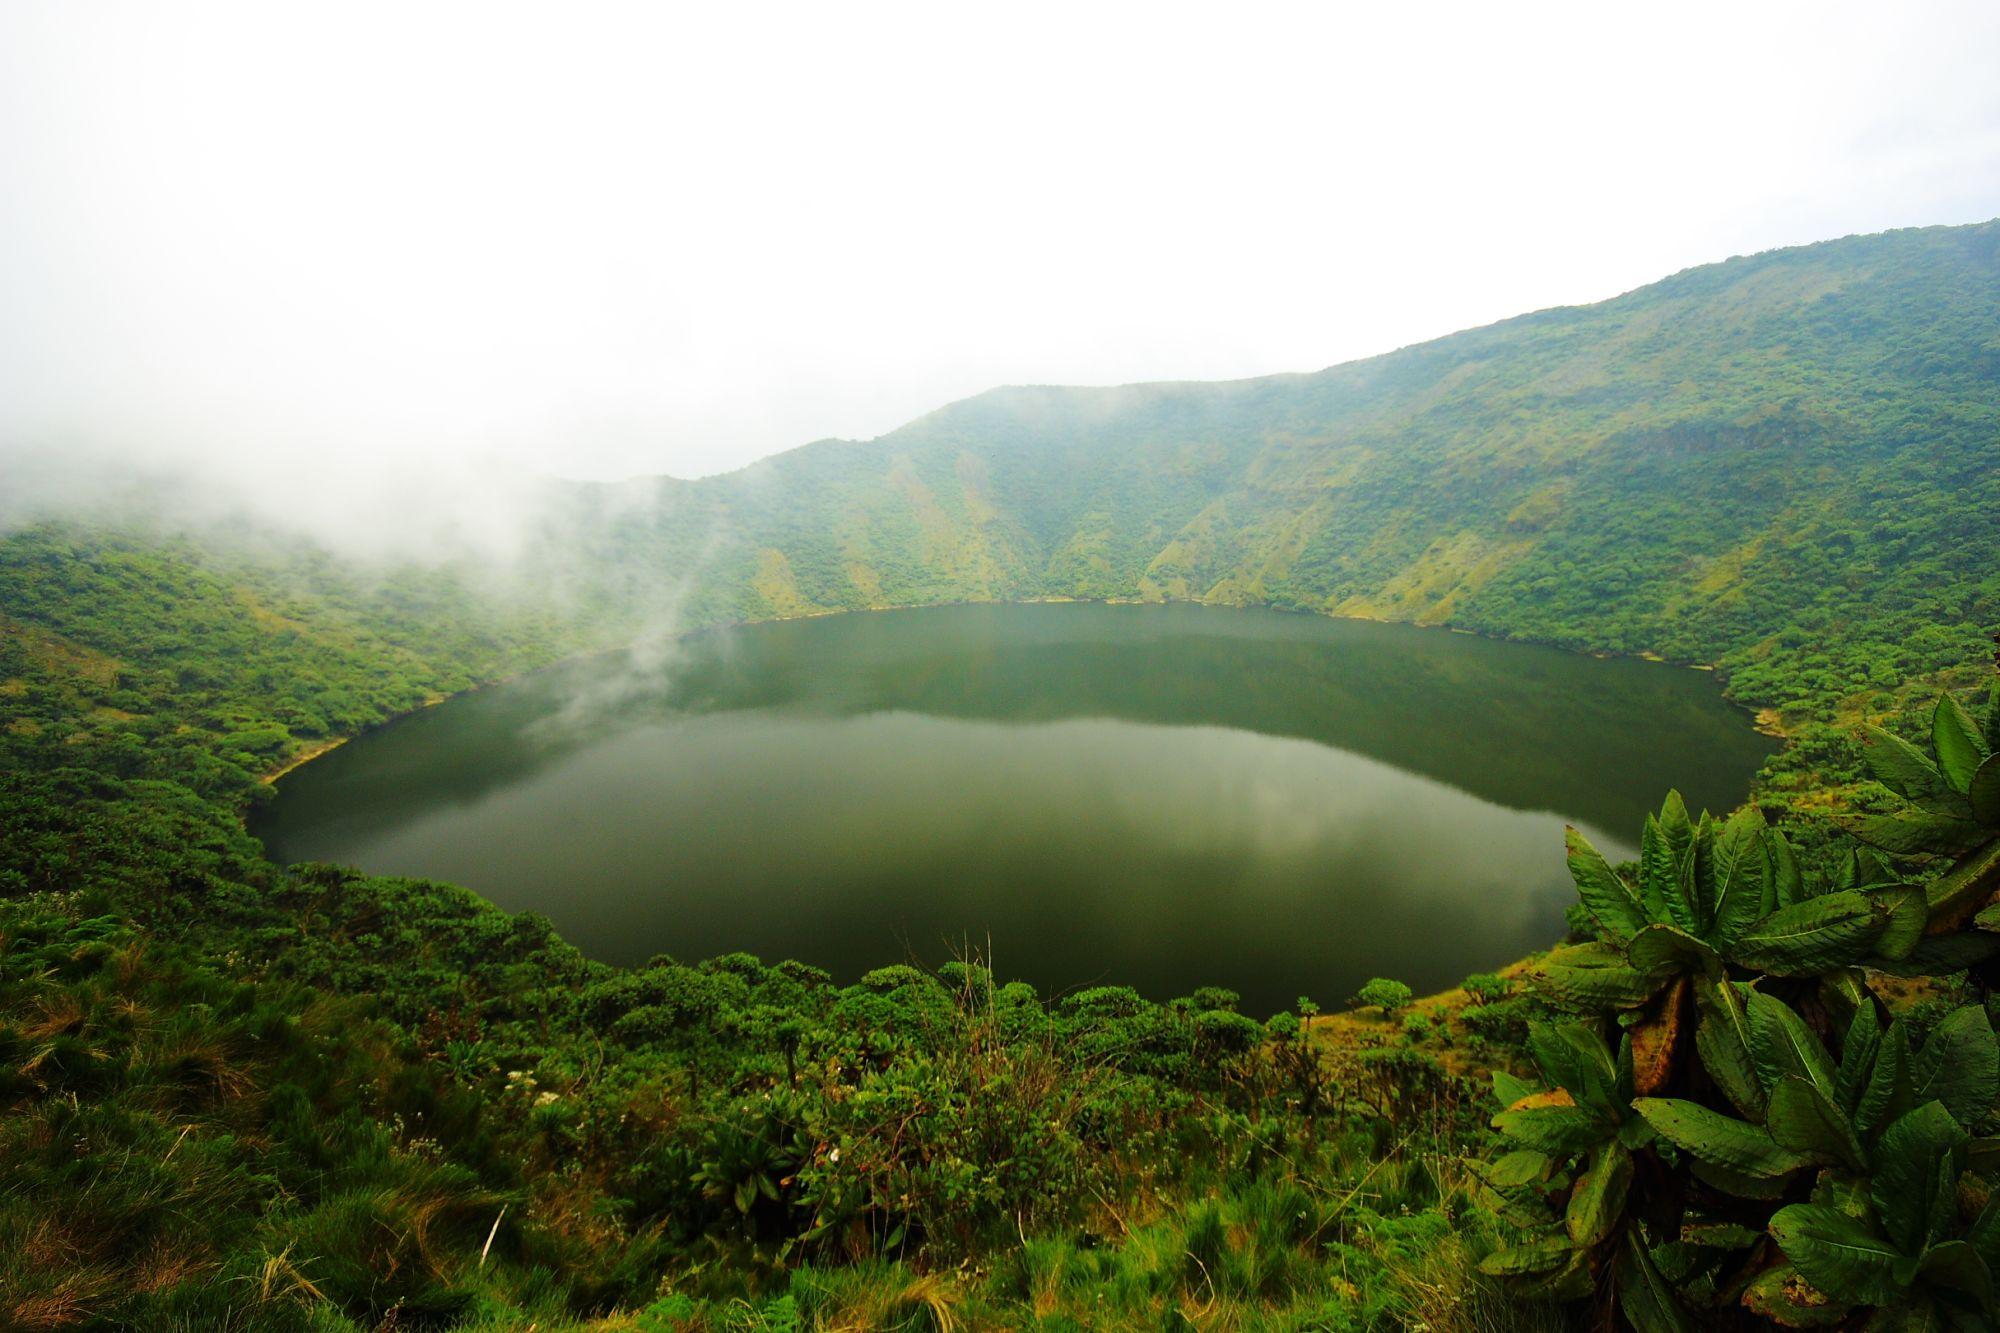 Uganda and Rwanda Gorilla Trekking Tours 2019 - 2020 -  Mount Bisoke Crater Lake